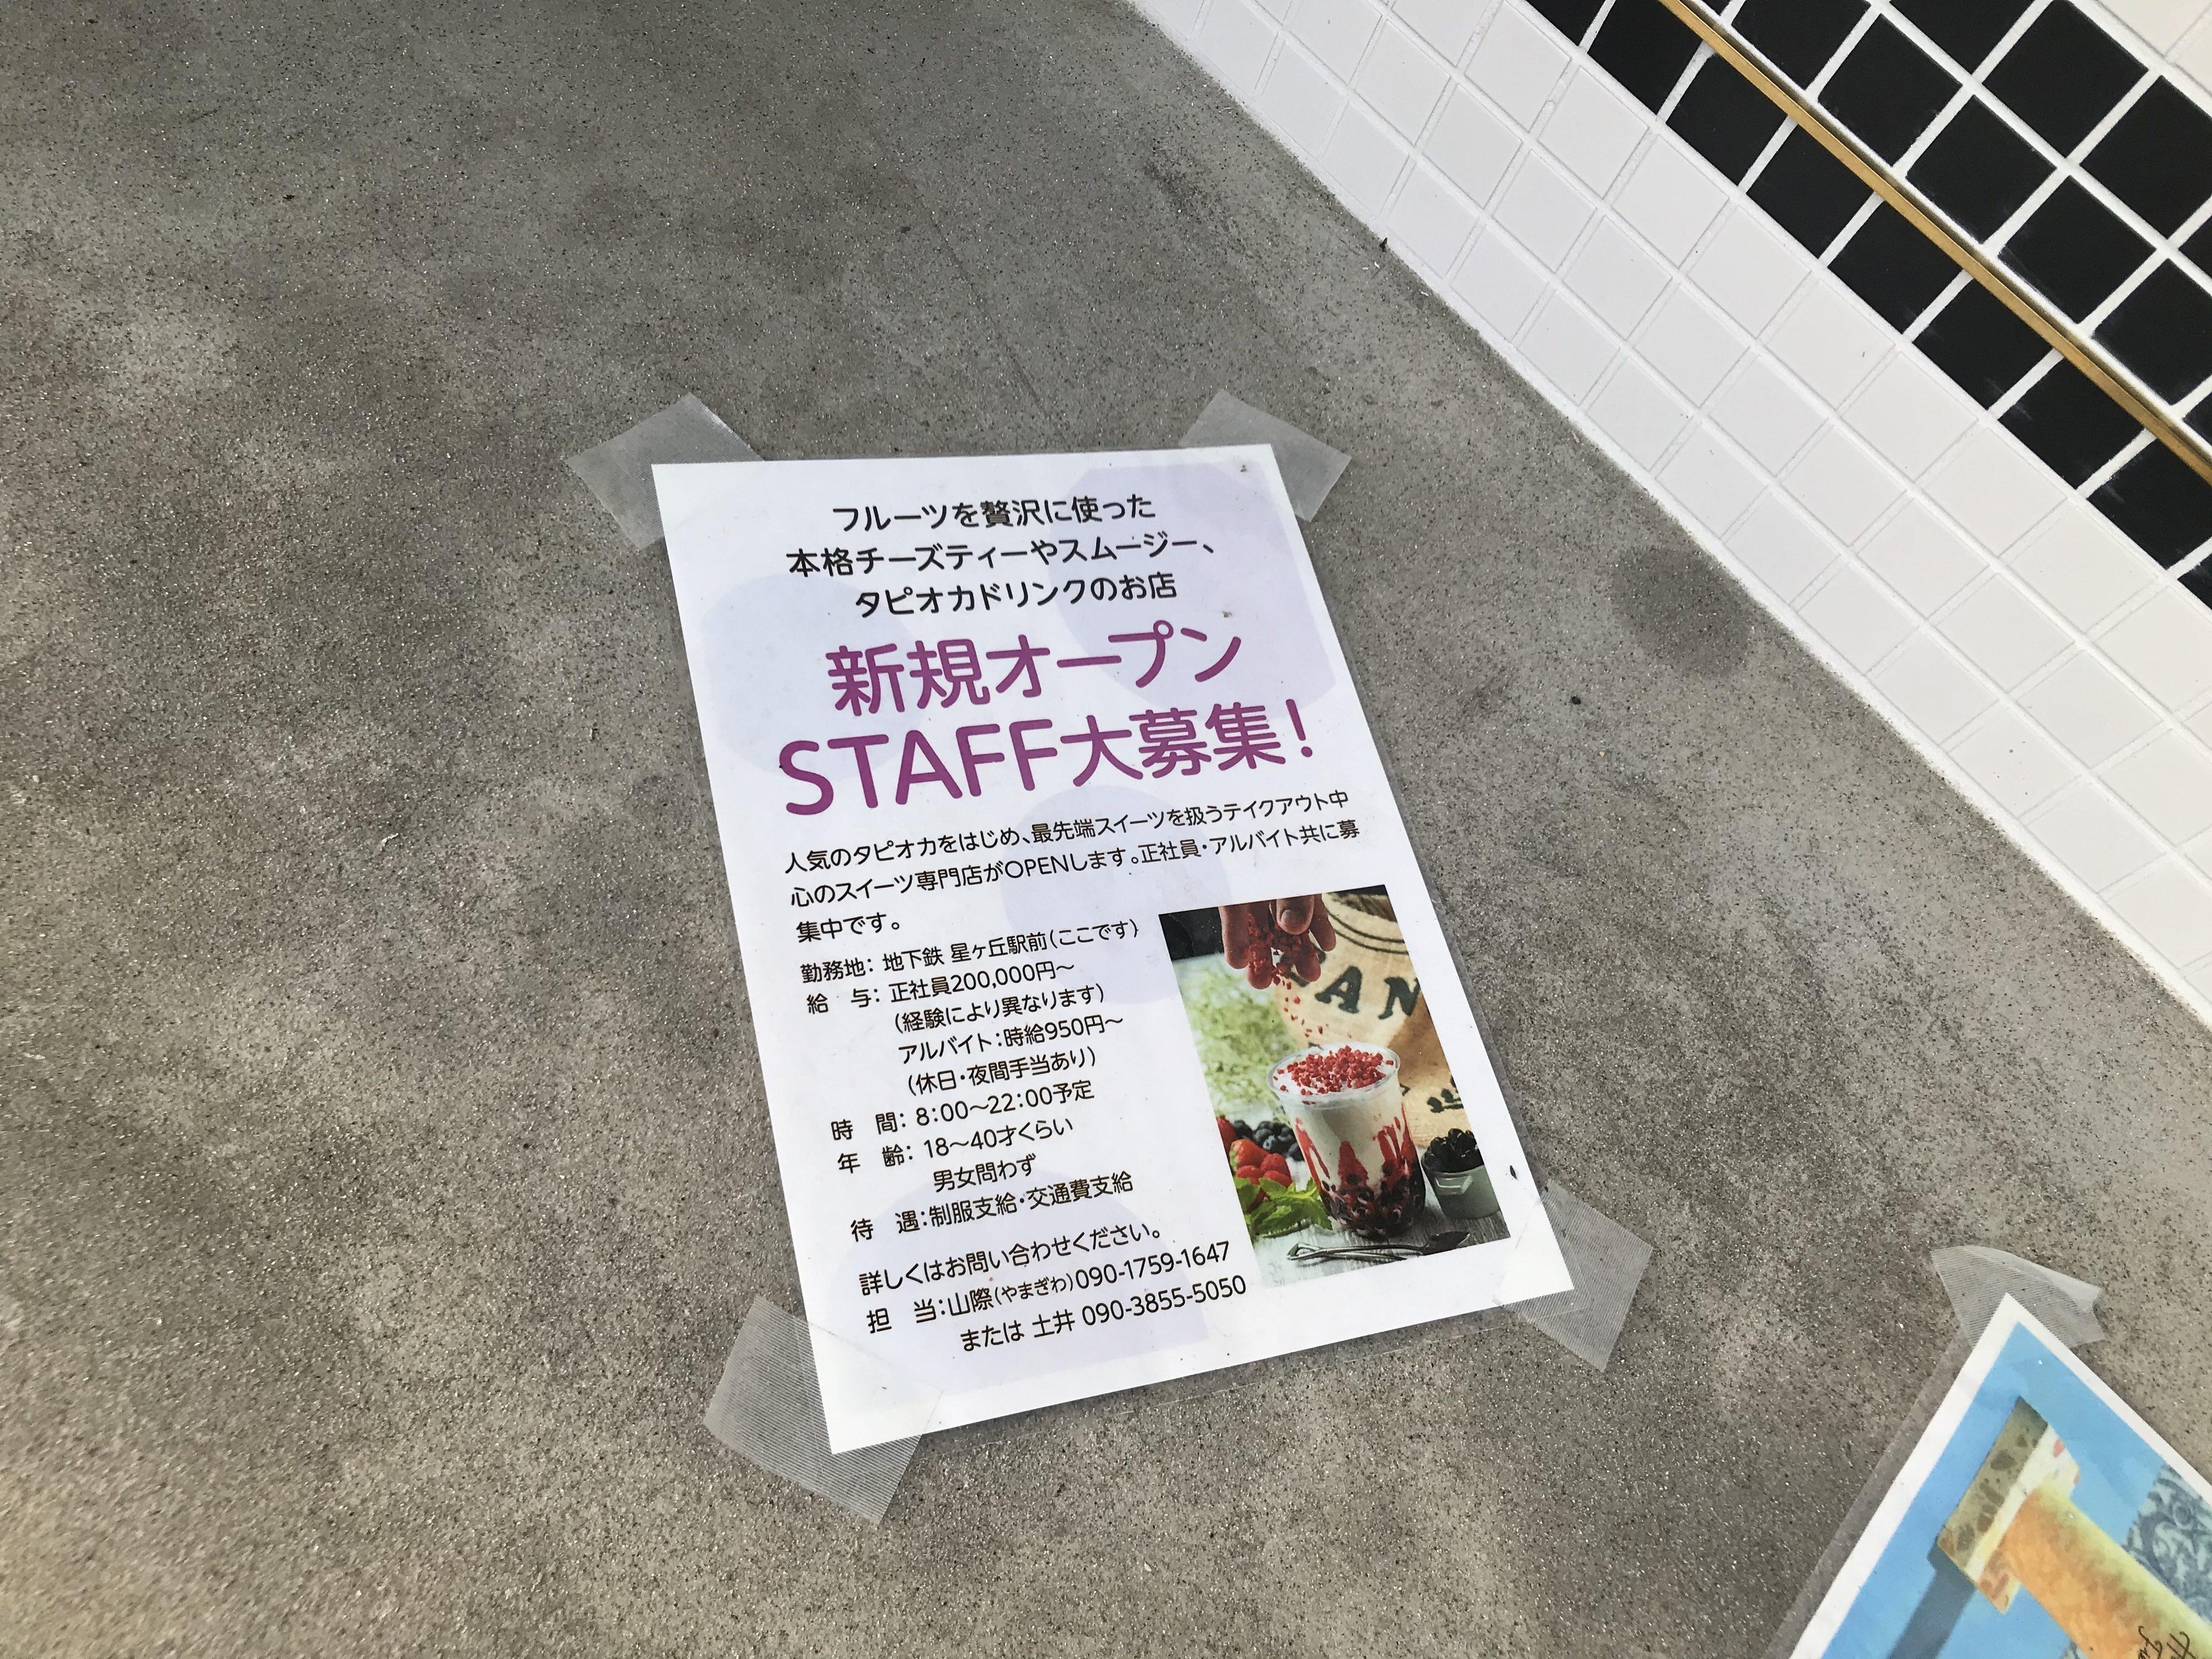 http://nonミスターハッパフィールドstyle.jp/design_price/